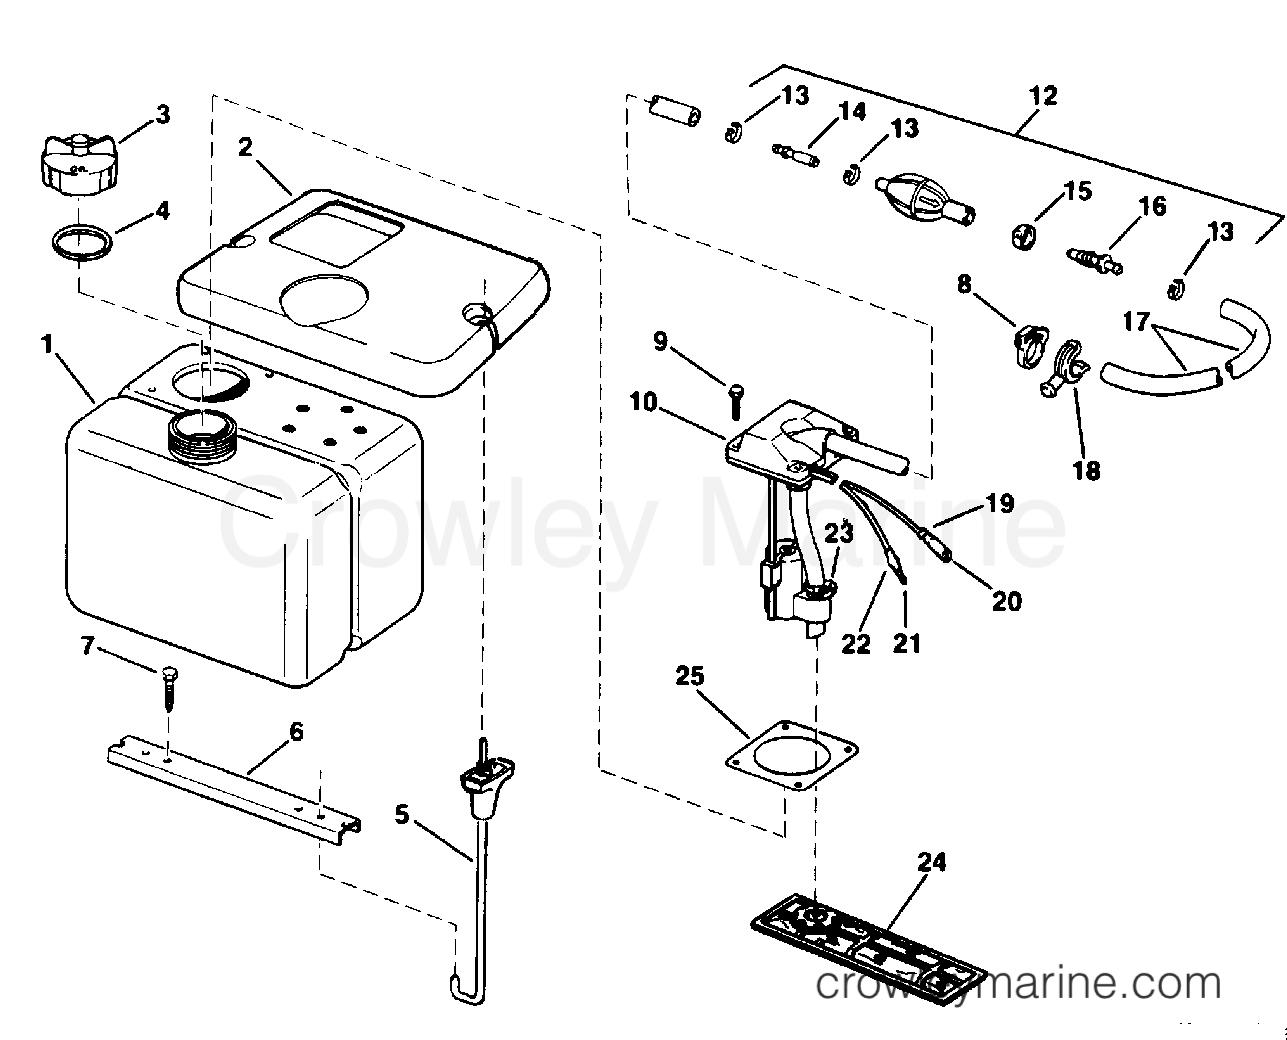 Vro Oil Tank Kit 1 8 Gallon